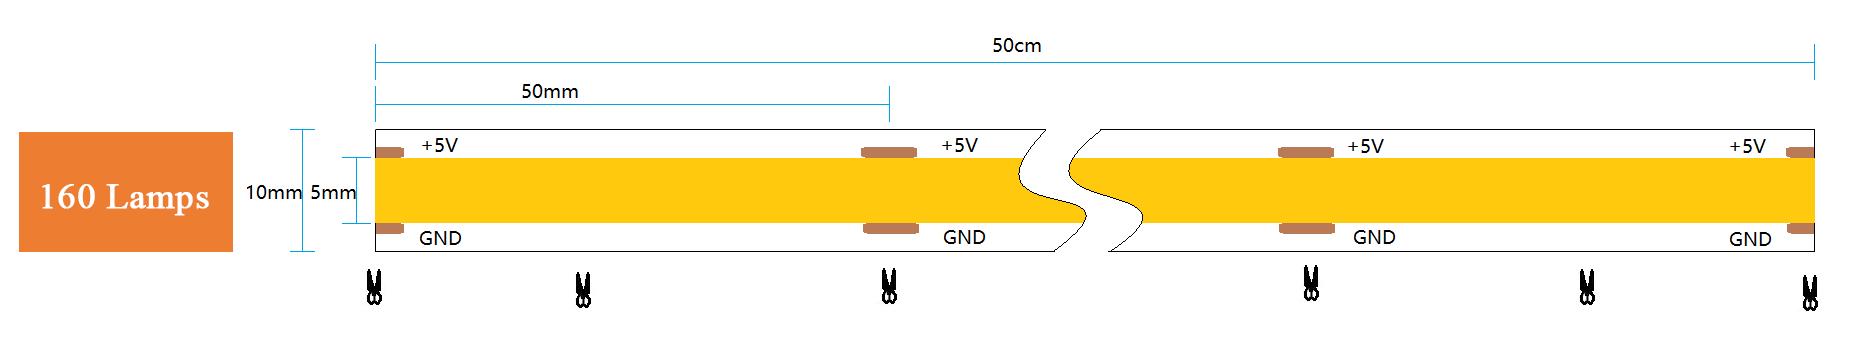 LED Flexible Strip Light (White)